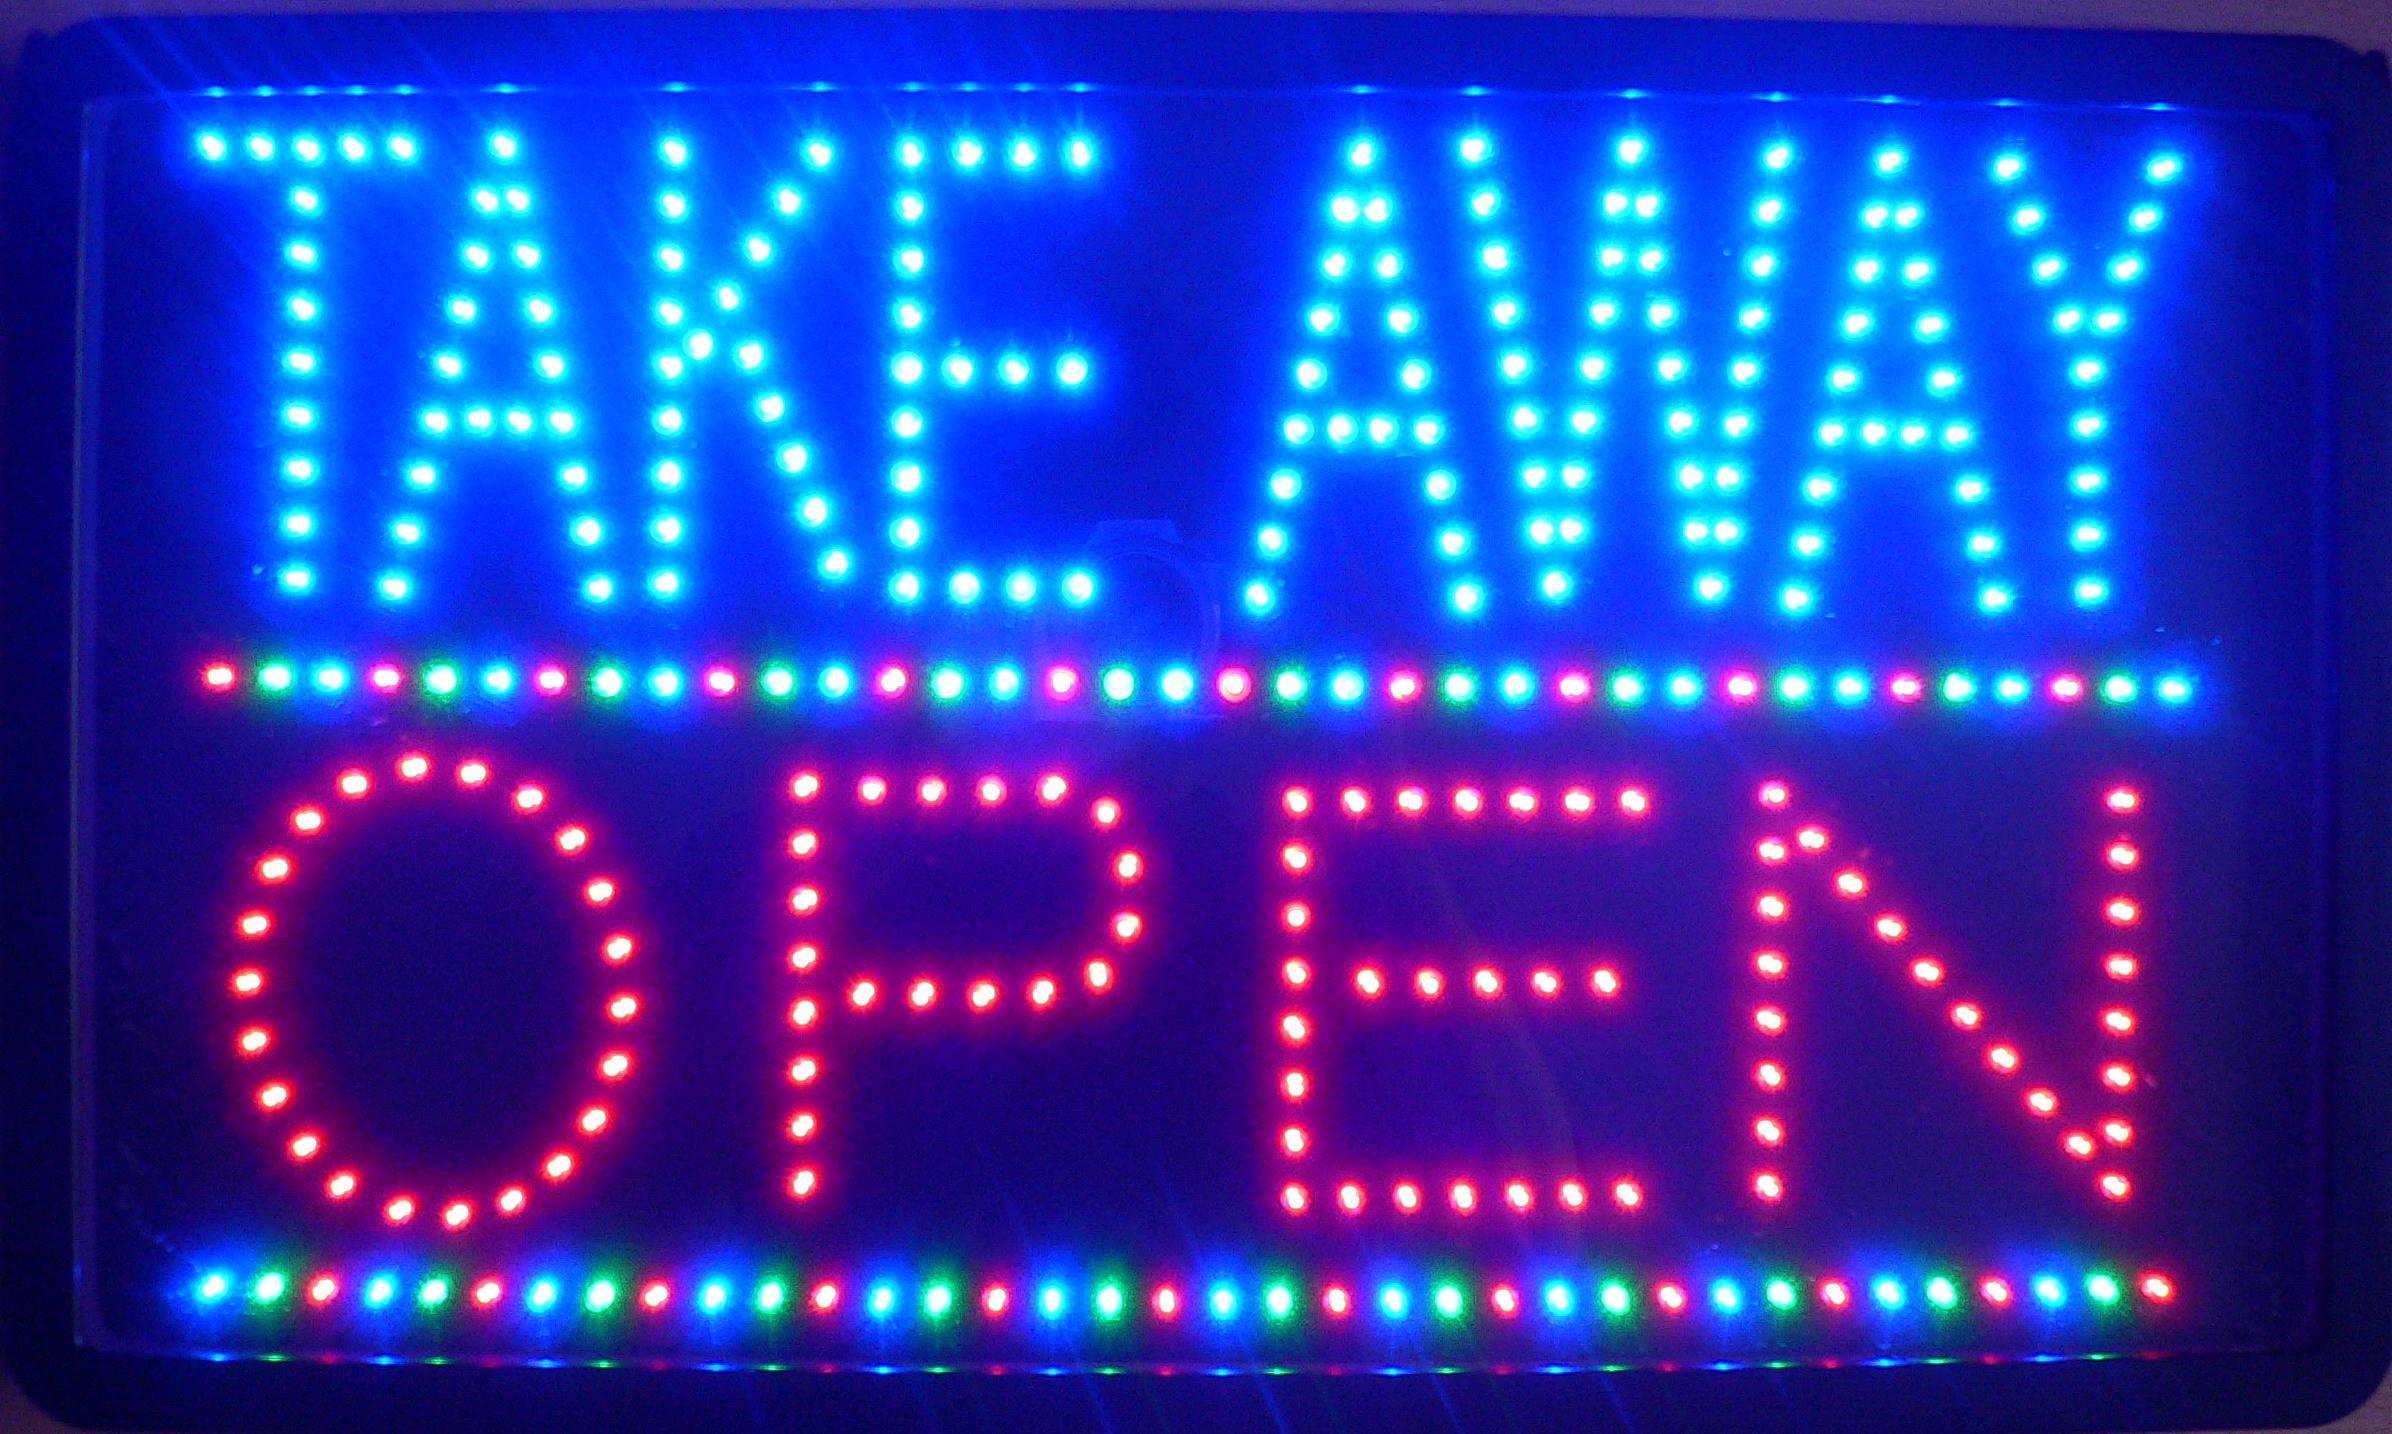 Takeaway Open Description